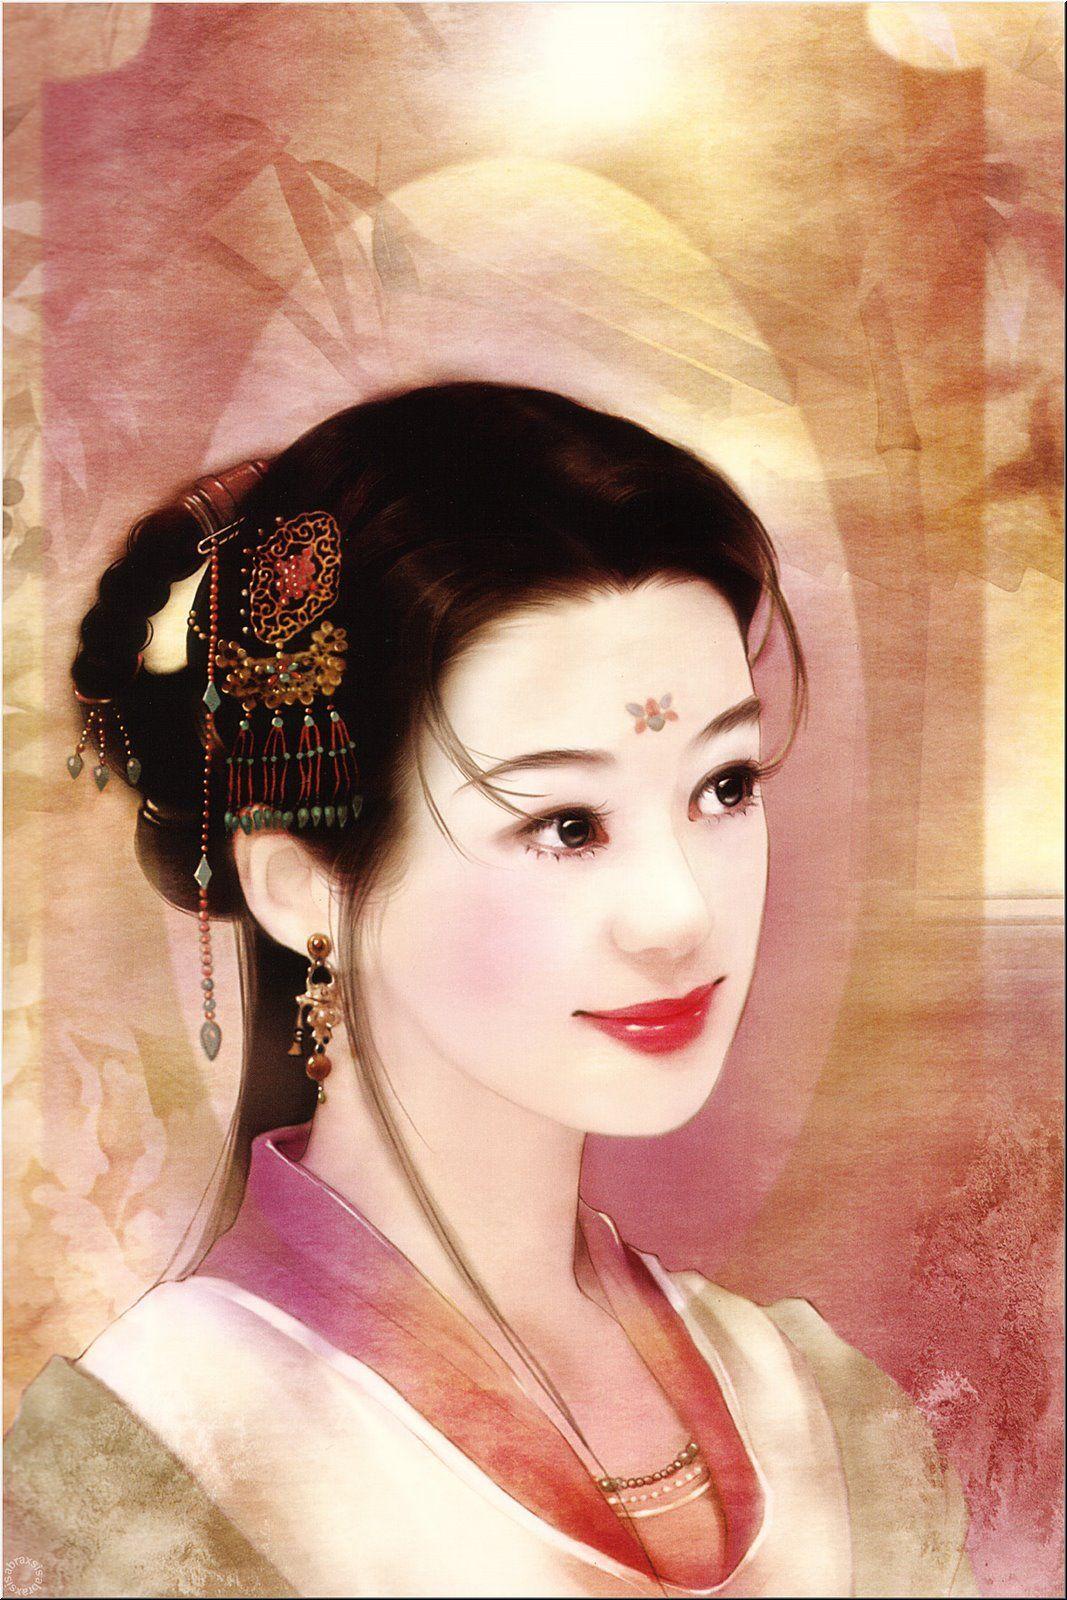 Varieté de Láminas para Decoupage: Geishas...